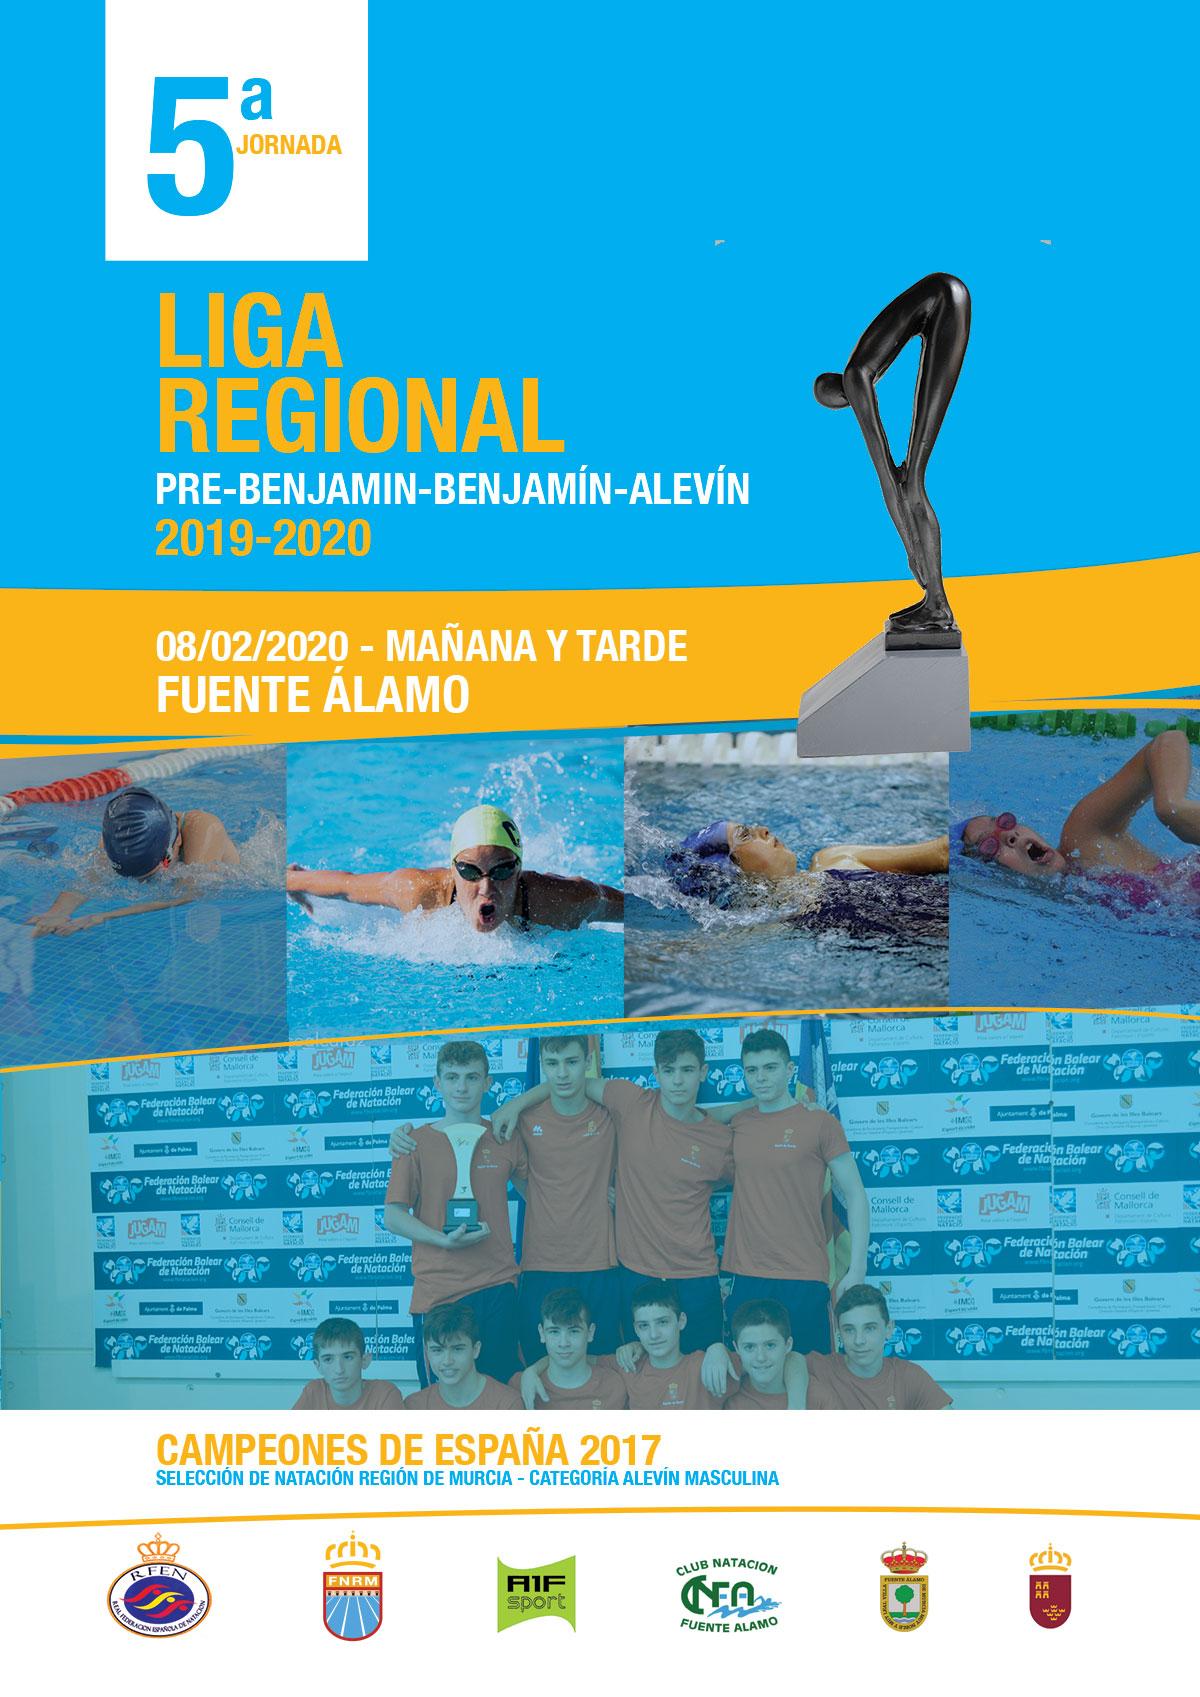 5A-JORNADA-Liga-Regional-2019-2020-PB-B-Alevin